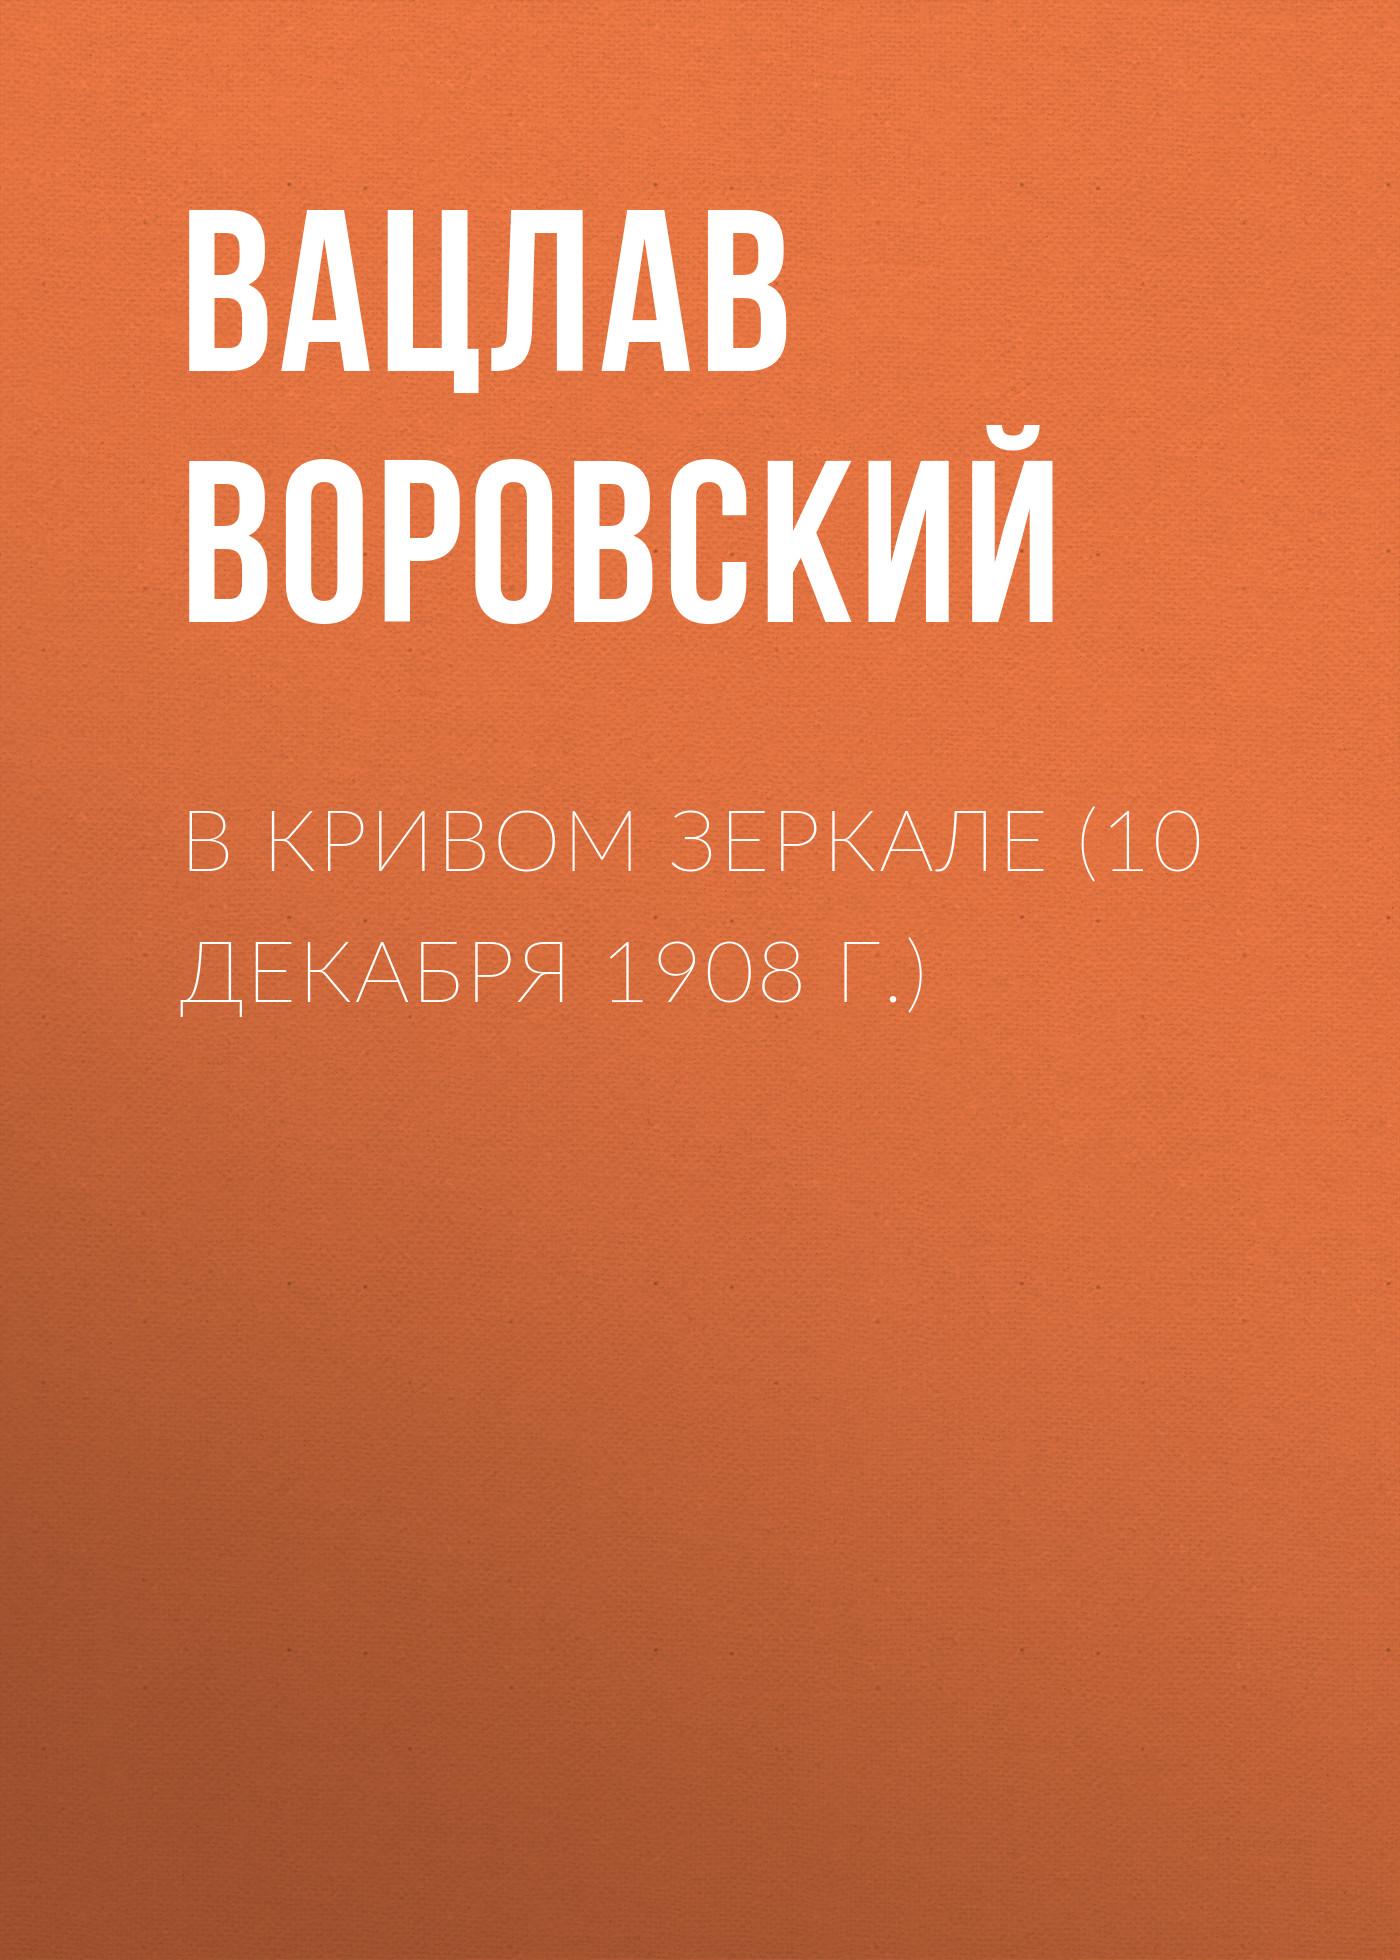 Вацлав Воровский В кривом зеркале (10 декабря 1908 г.) вацлав воровский мысли вслух 15 января 1910 г